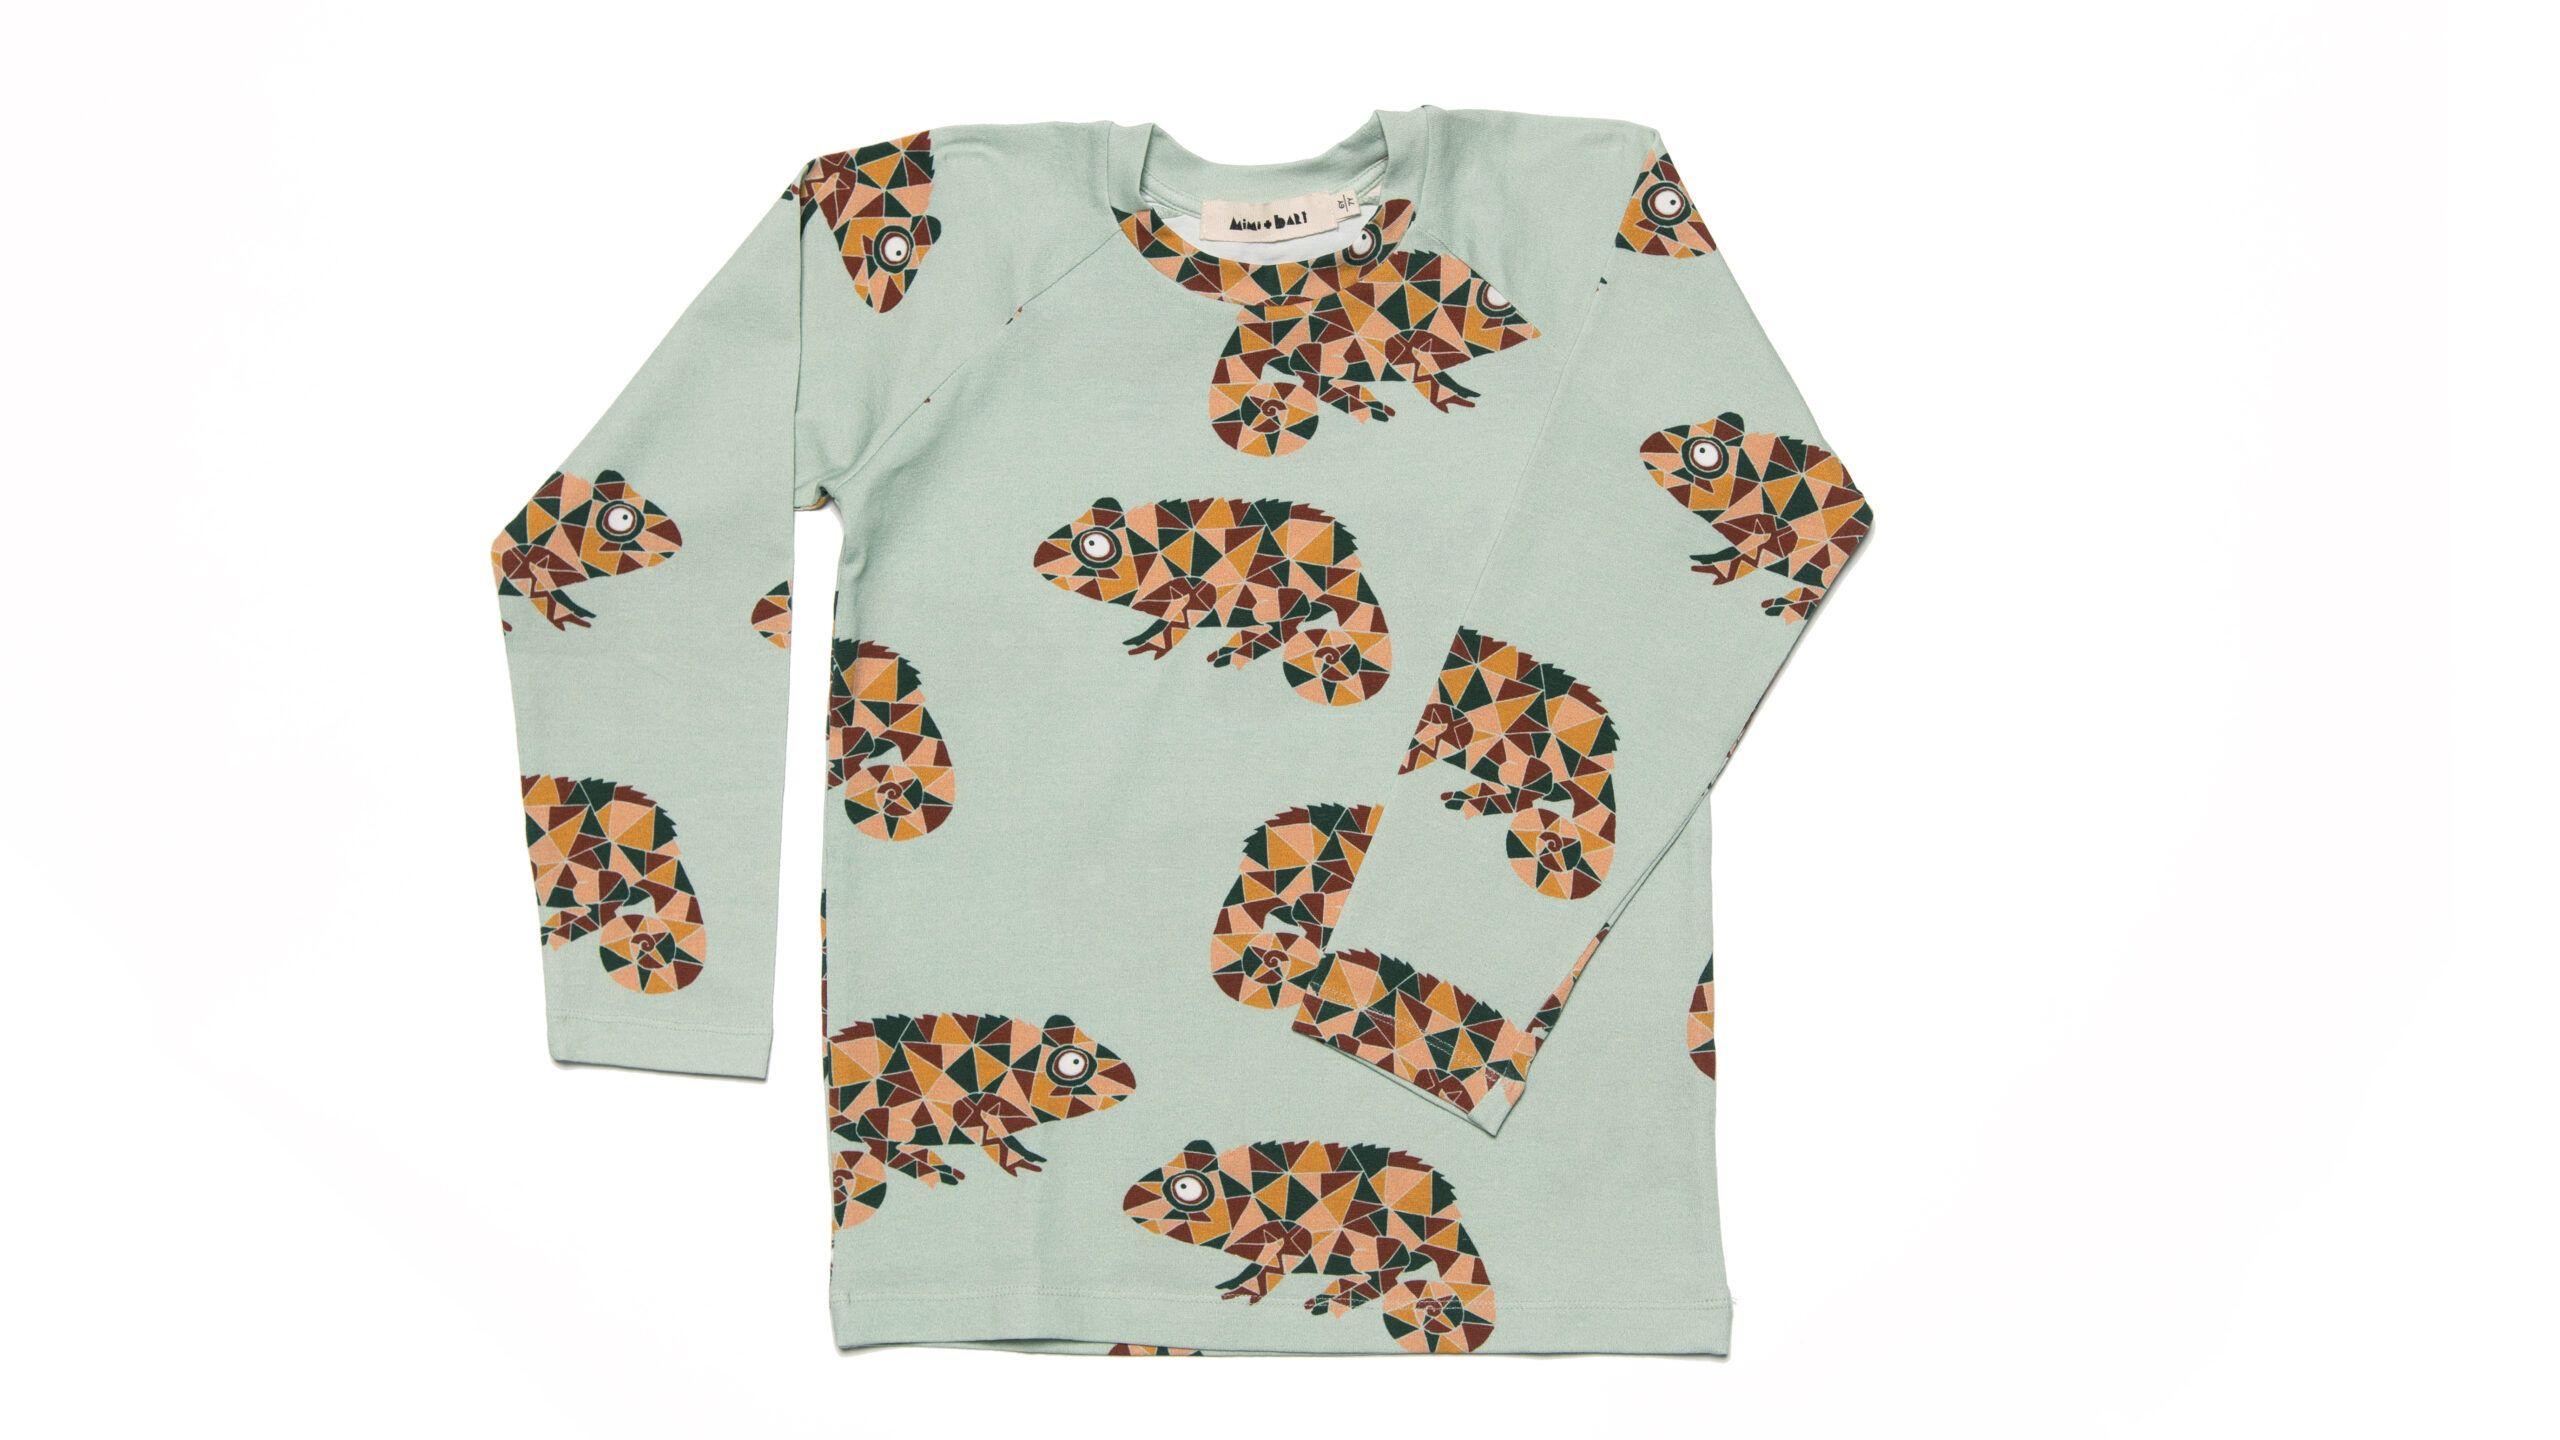 Long Sleeved T-Schirt for kids with chameleons